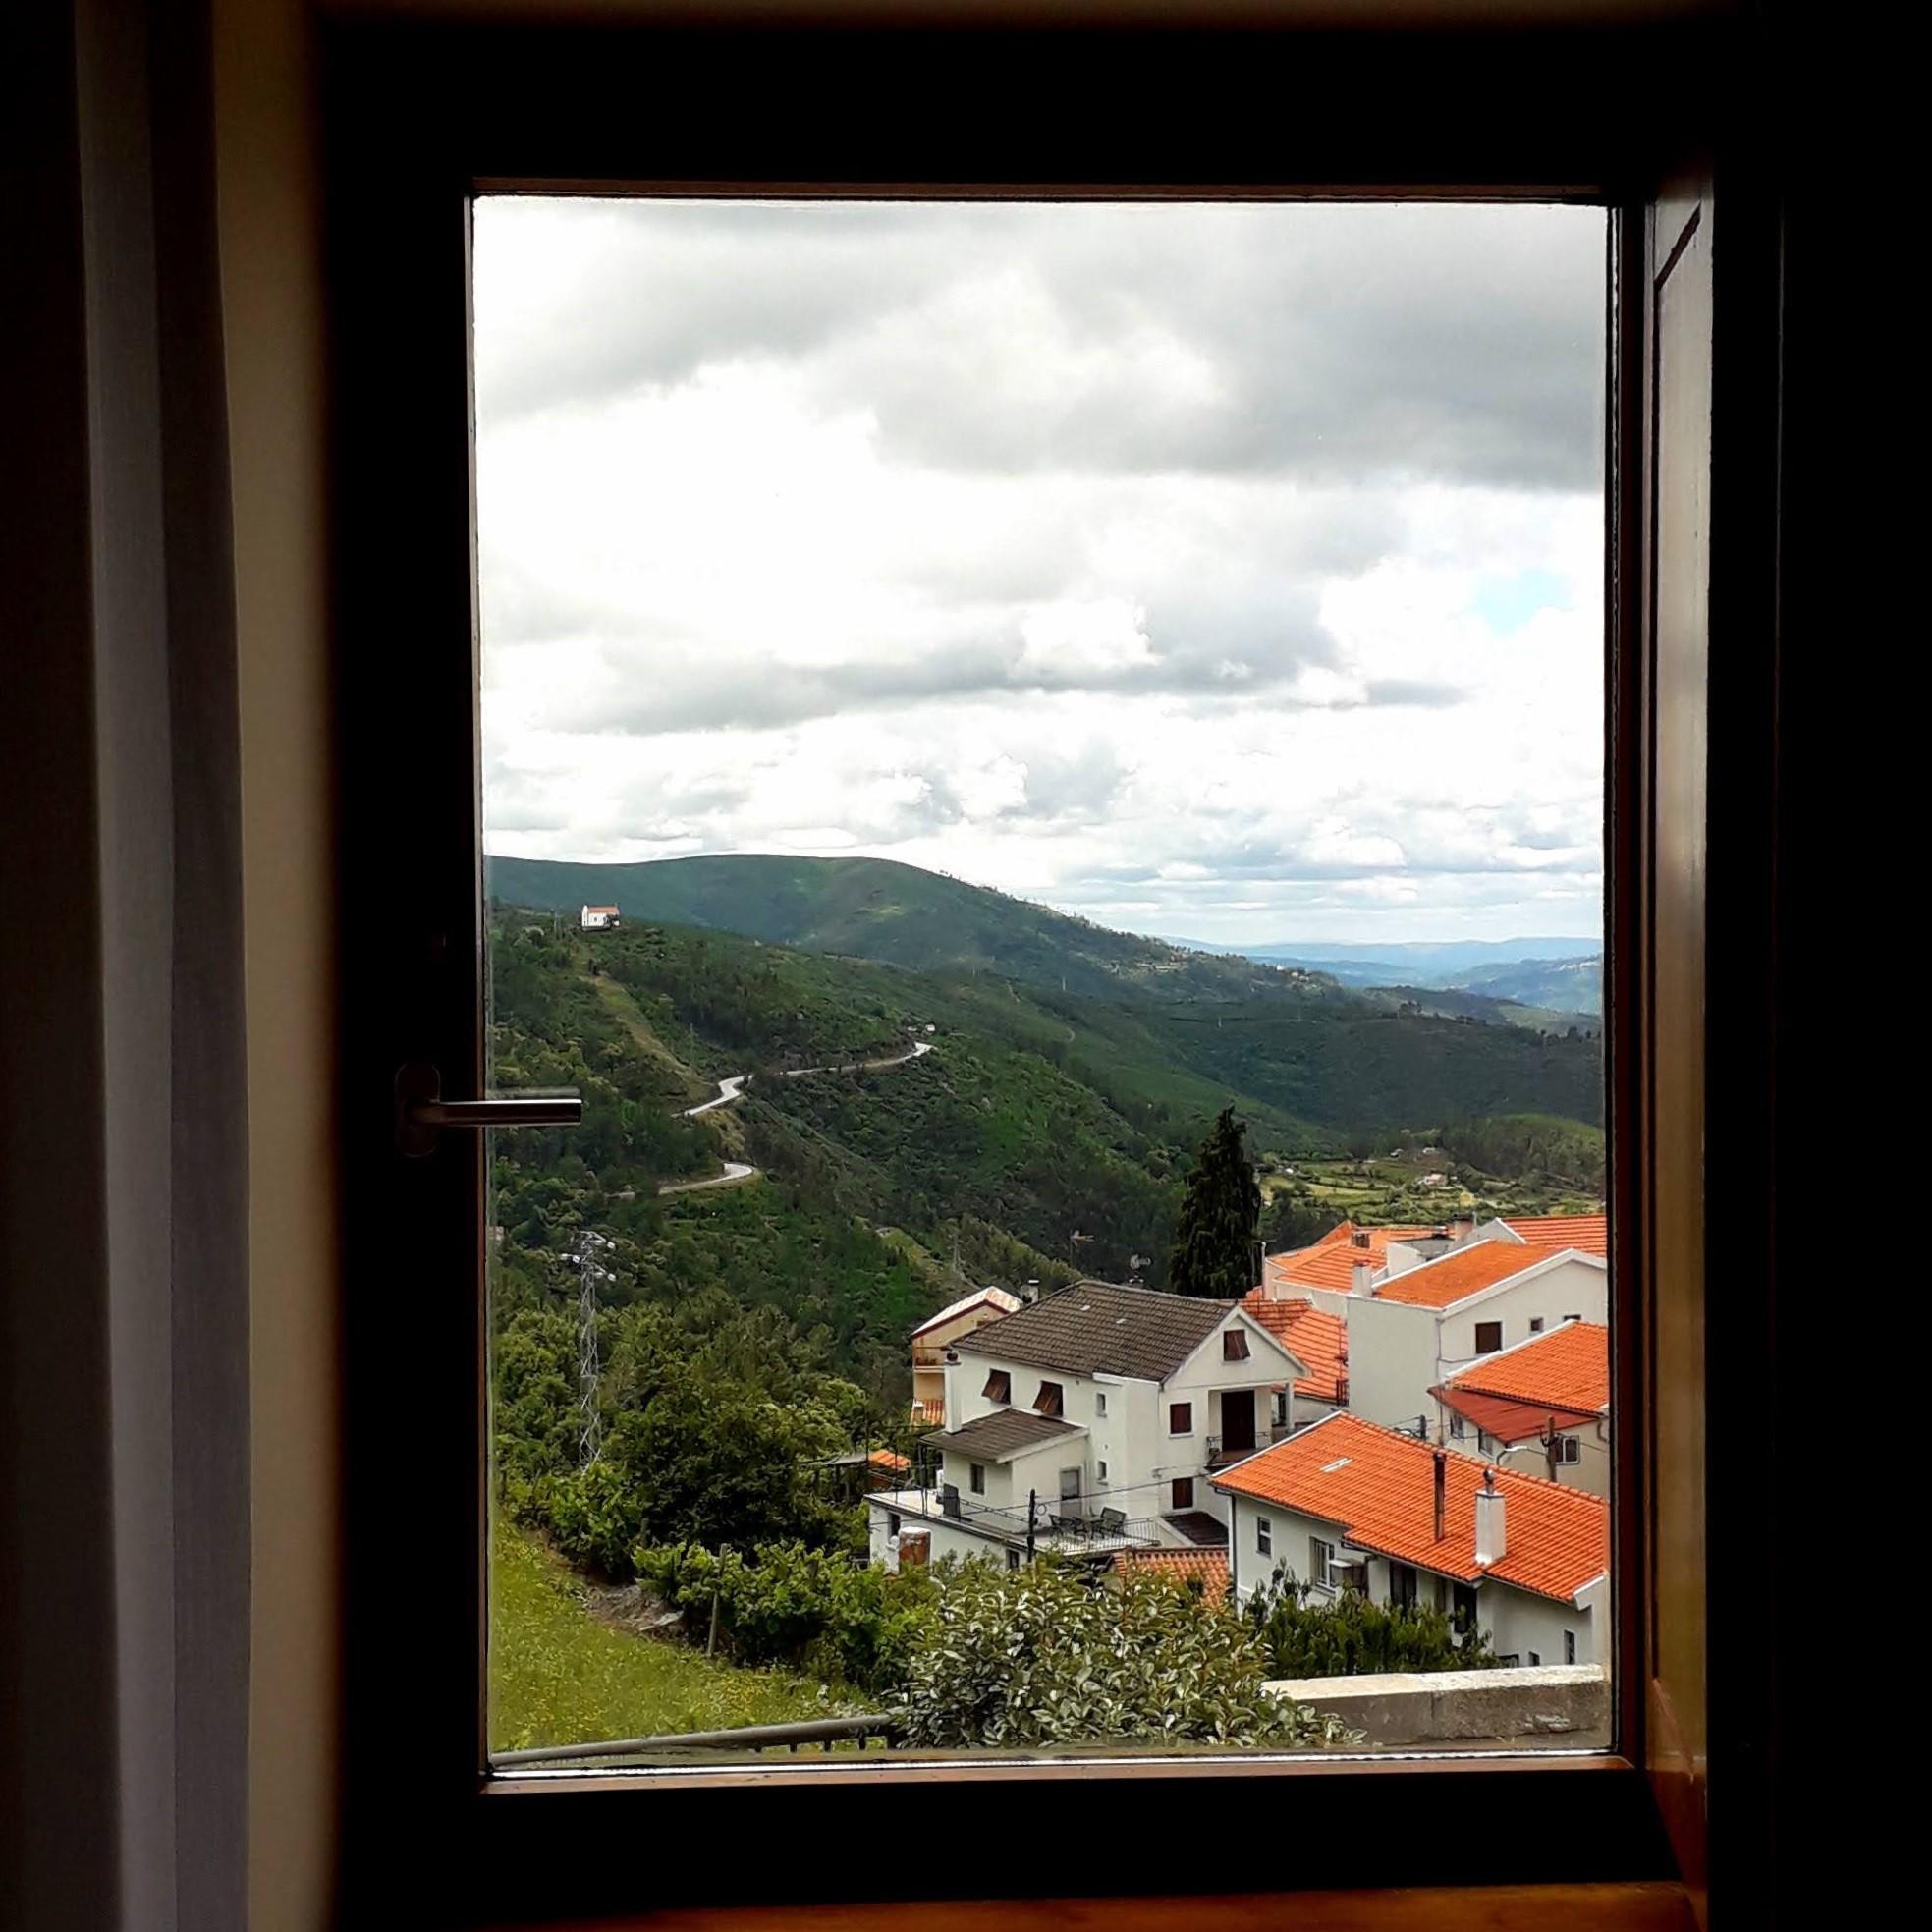 Lapa dos Dinheiros vista da janela das Casas Casadas